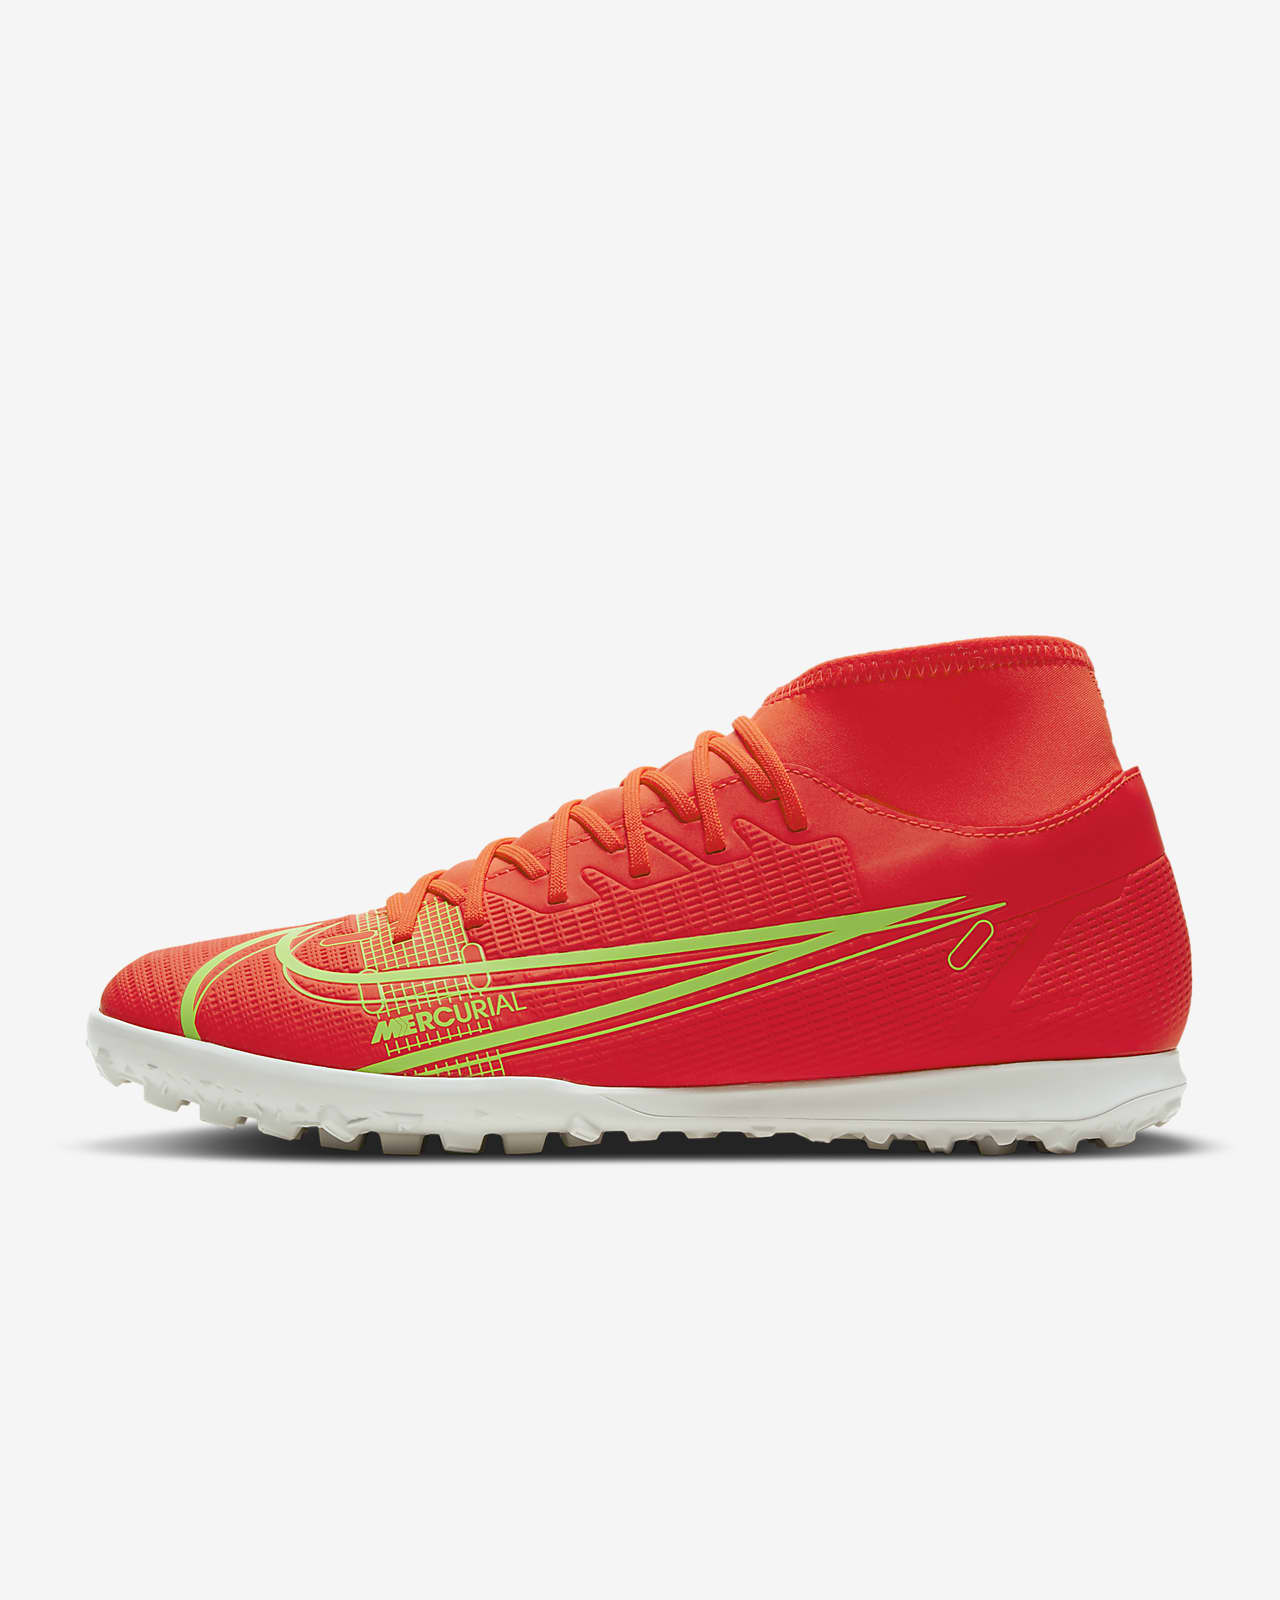 Nike Mercurial Superfly 8 Club TF Fußballschuh für Kunstrasen